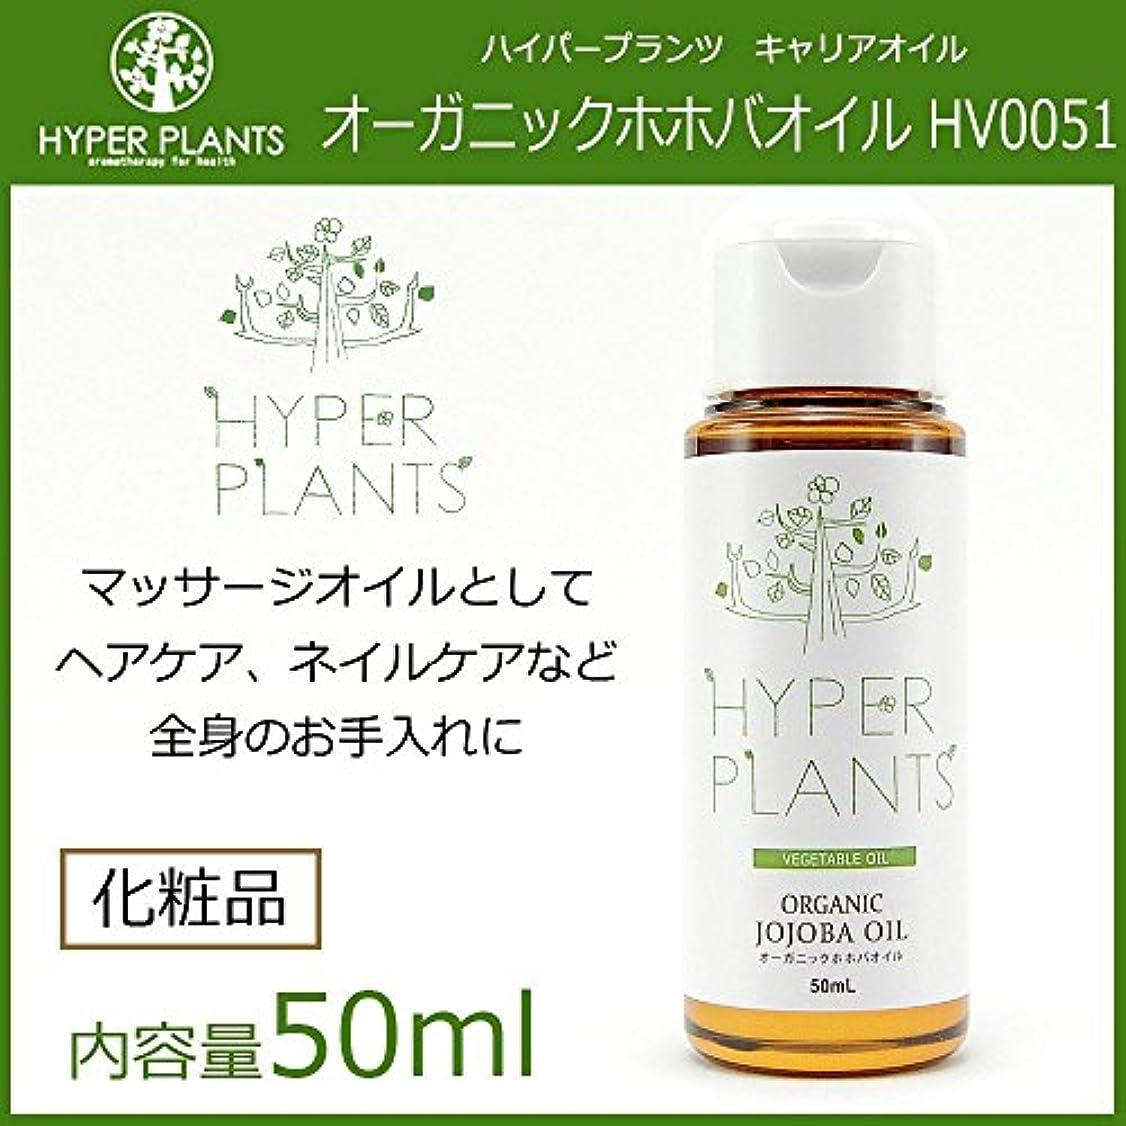 お世話になったレジ算術HYPER PLANTS ハイパープランツ キャリアオイル オーガニックホホバオイル 50ml HV0051